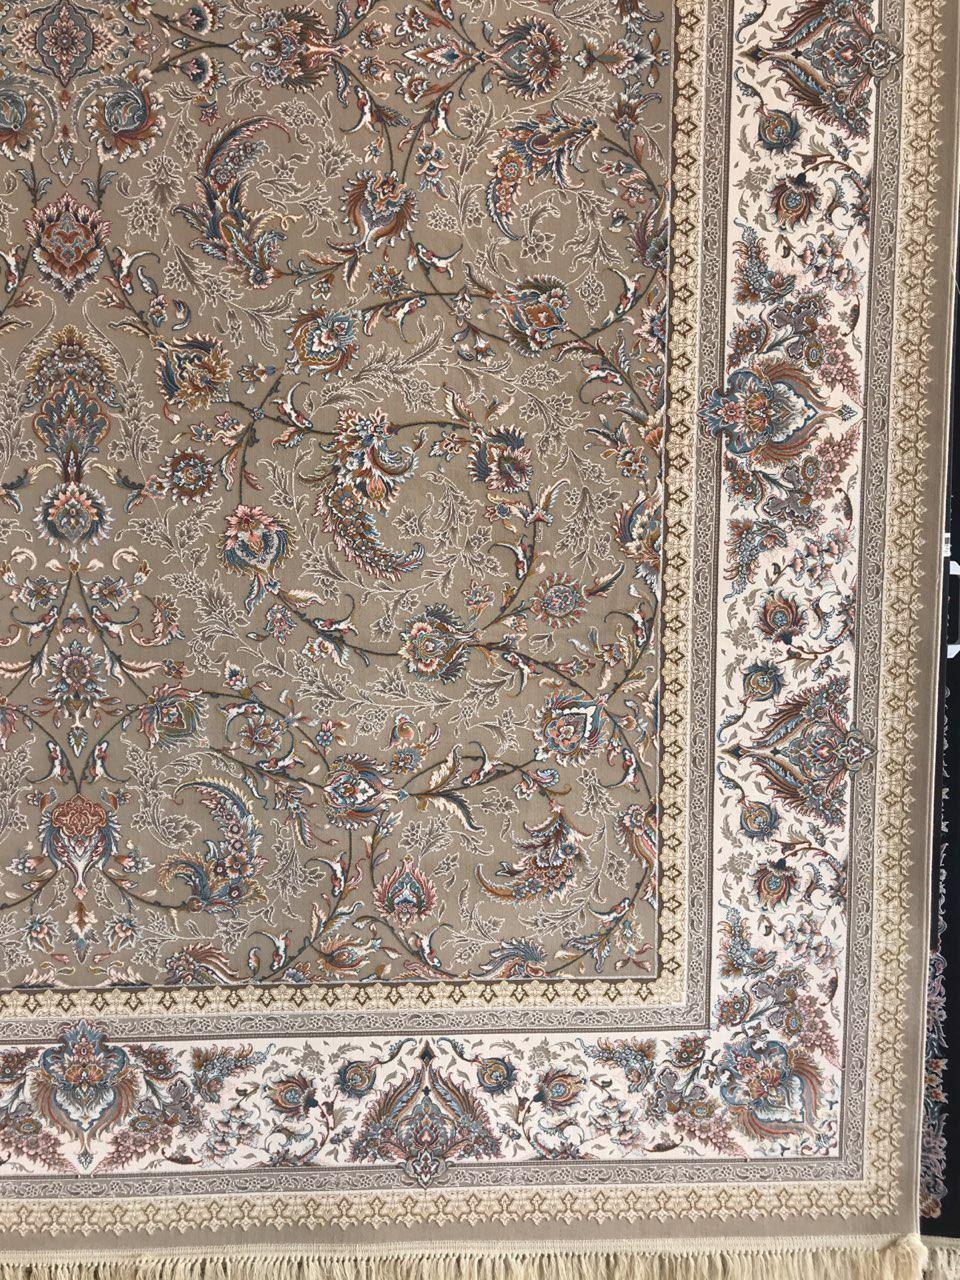 فرش 1200 شانه گل برجسته نقشه رقصانه زمینه فیلی